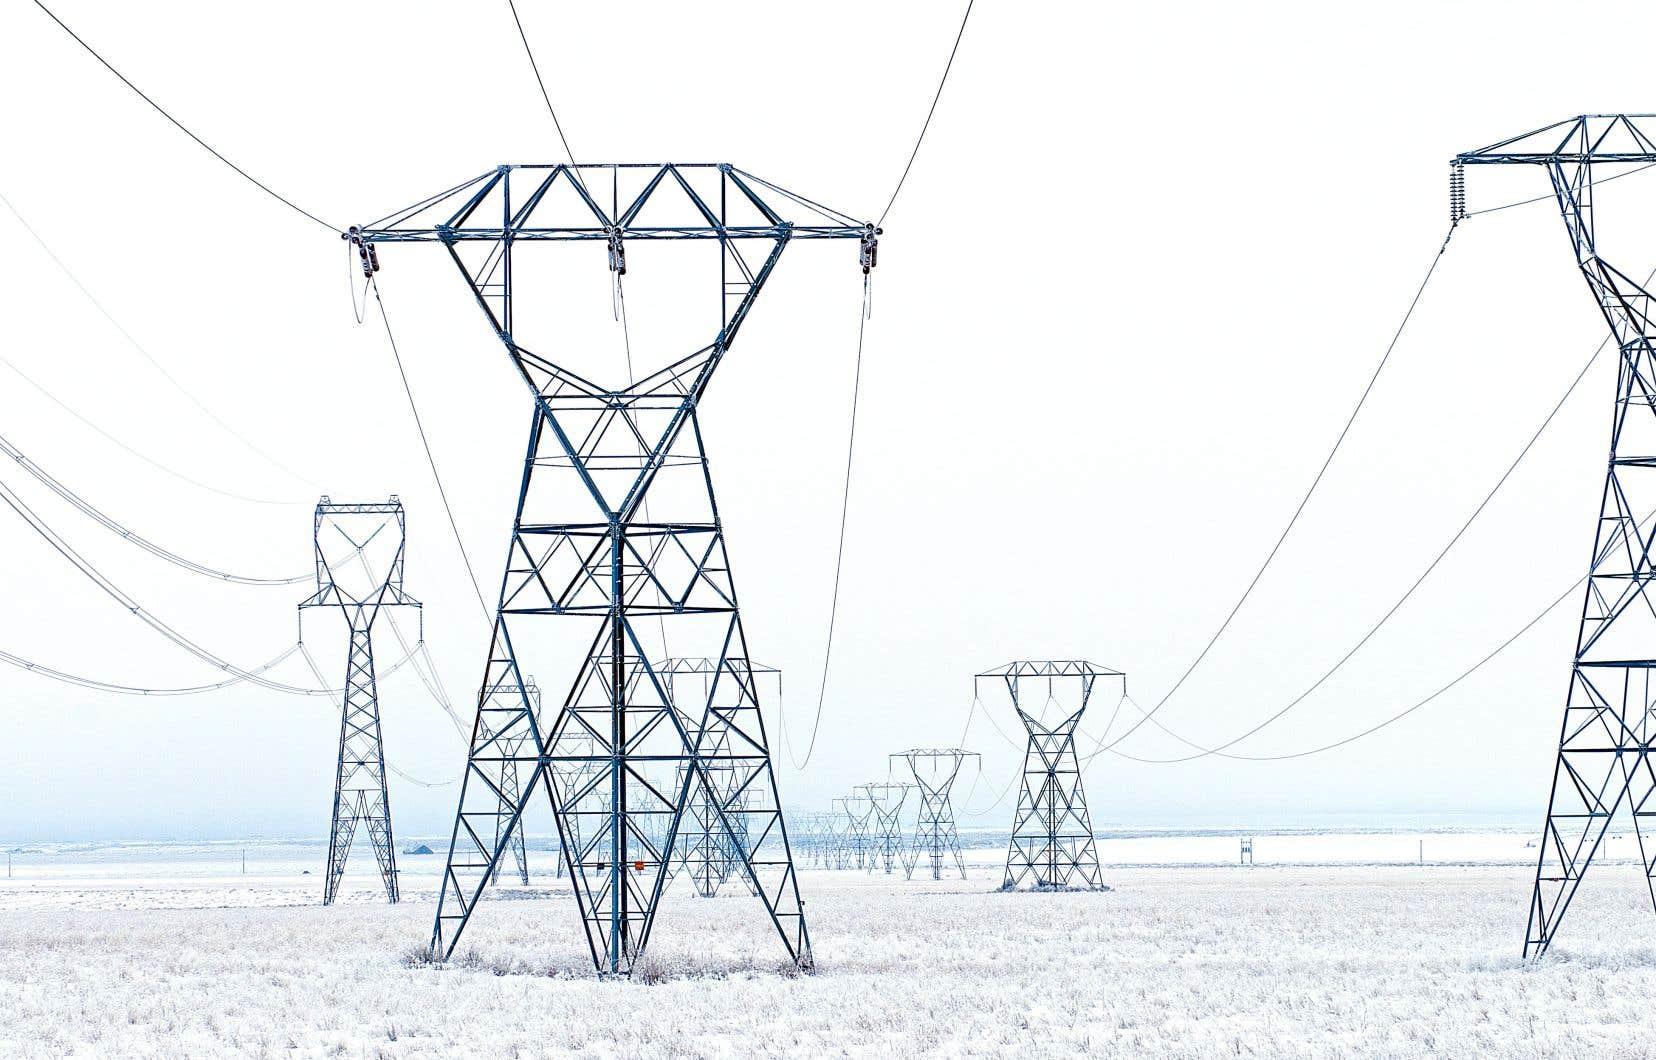 Les opposants au projet New England Clean Energy Connect craignent entre autres des conséquences négatives sur les paysages et l'environnement, en particulier sur le sentier des Appalaches.